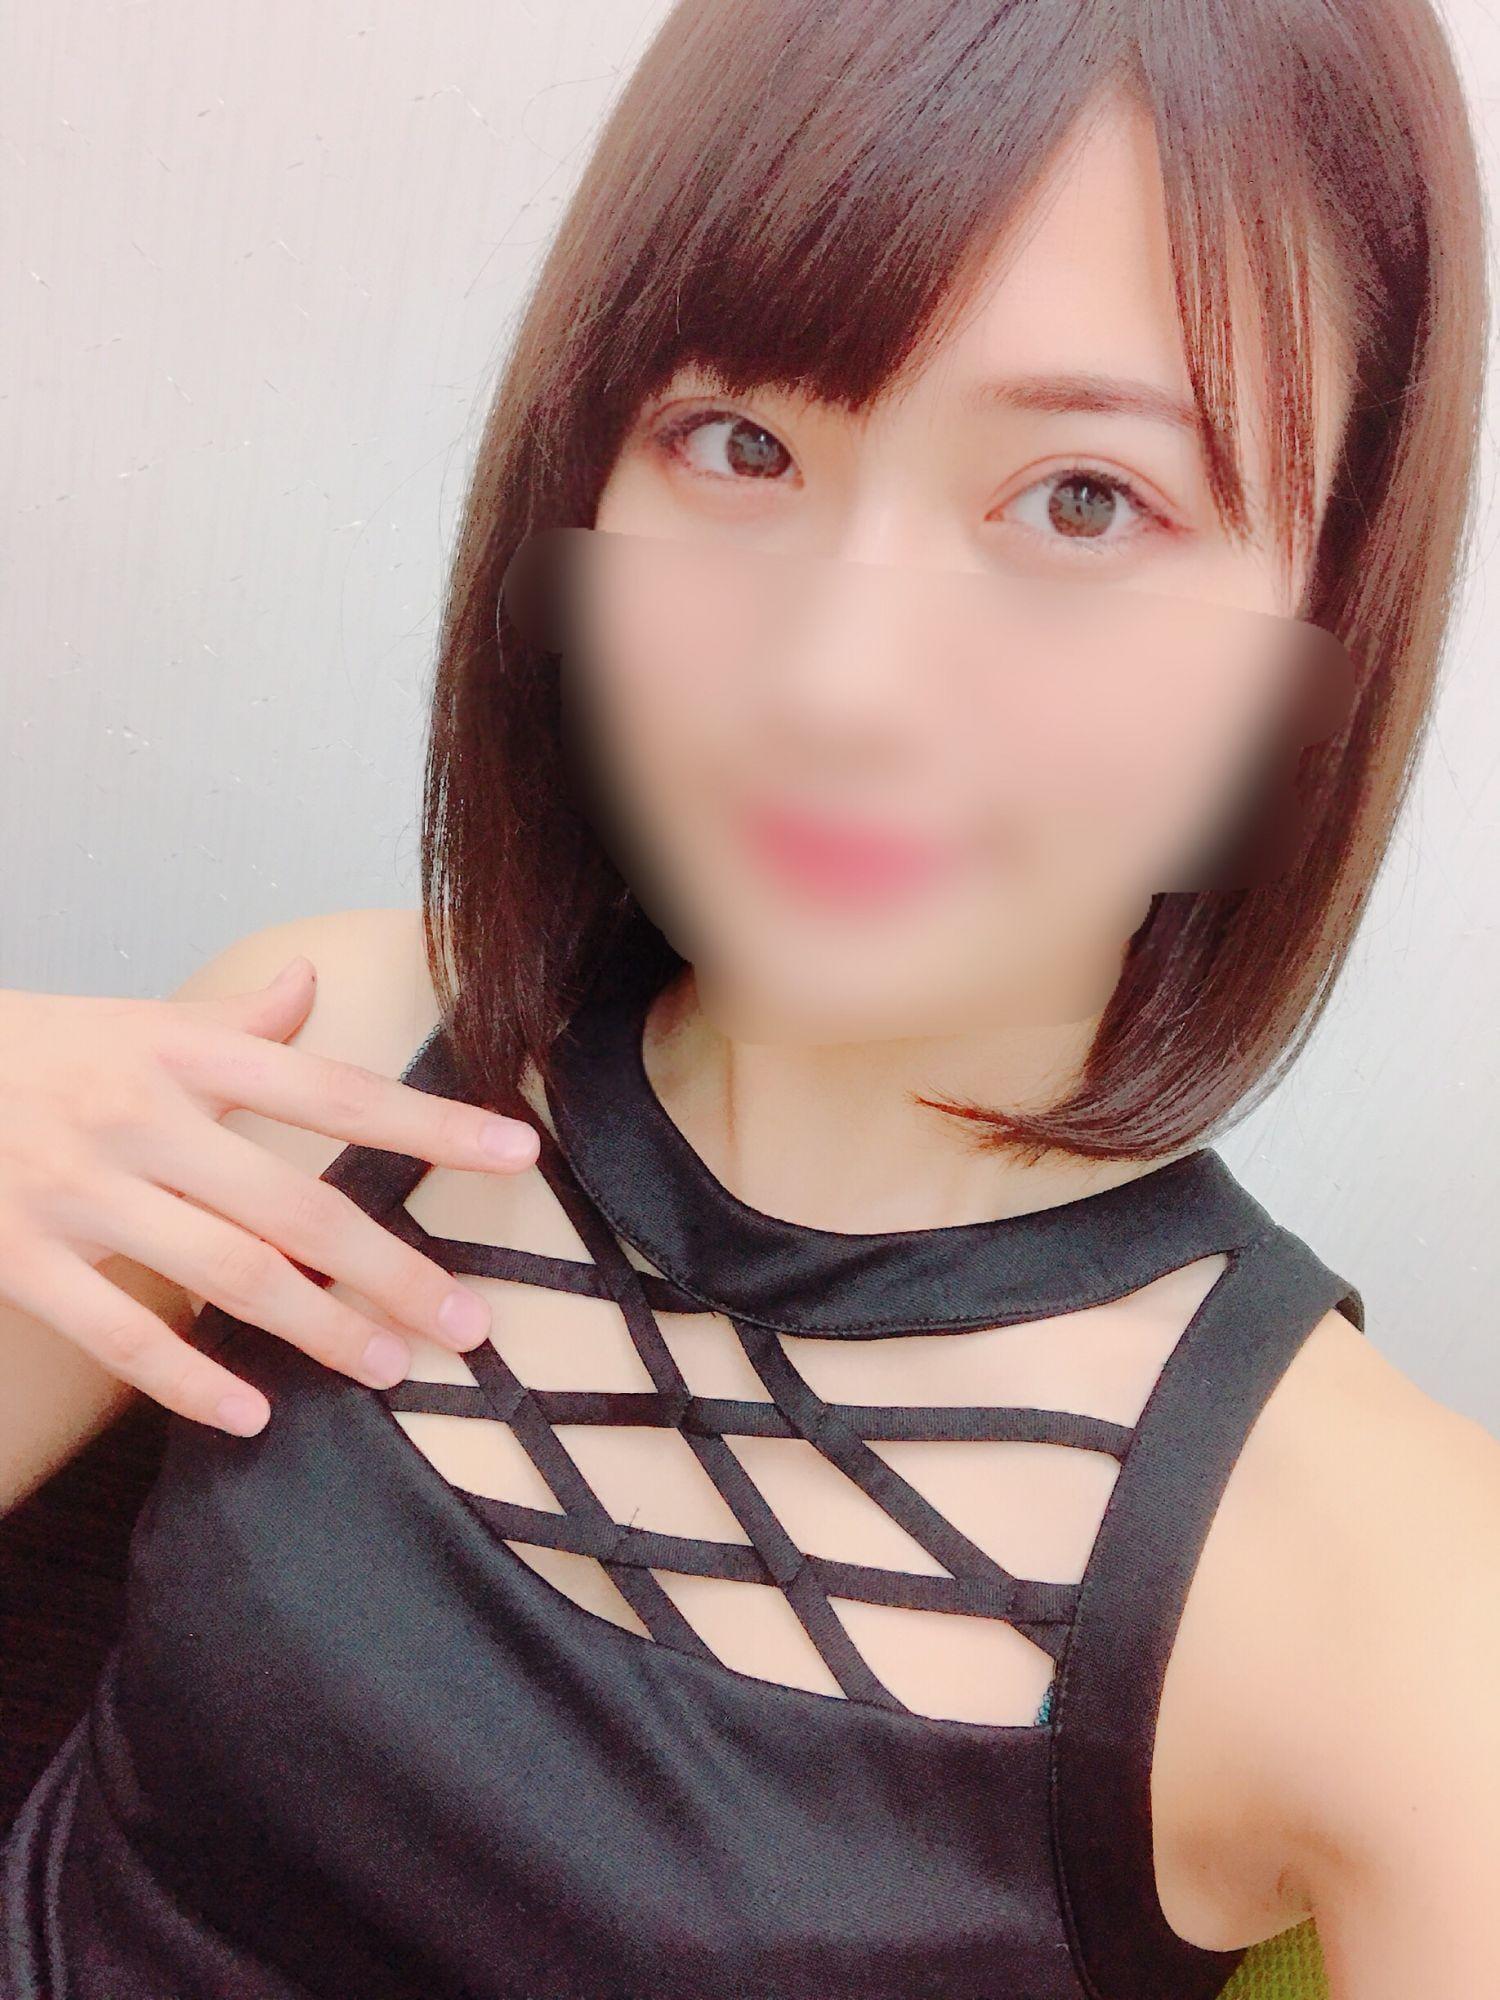 るい「出勤です☆」05/22(火) 19:01 | るいの写メ・風俗動画